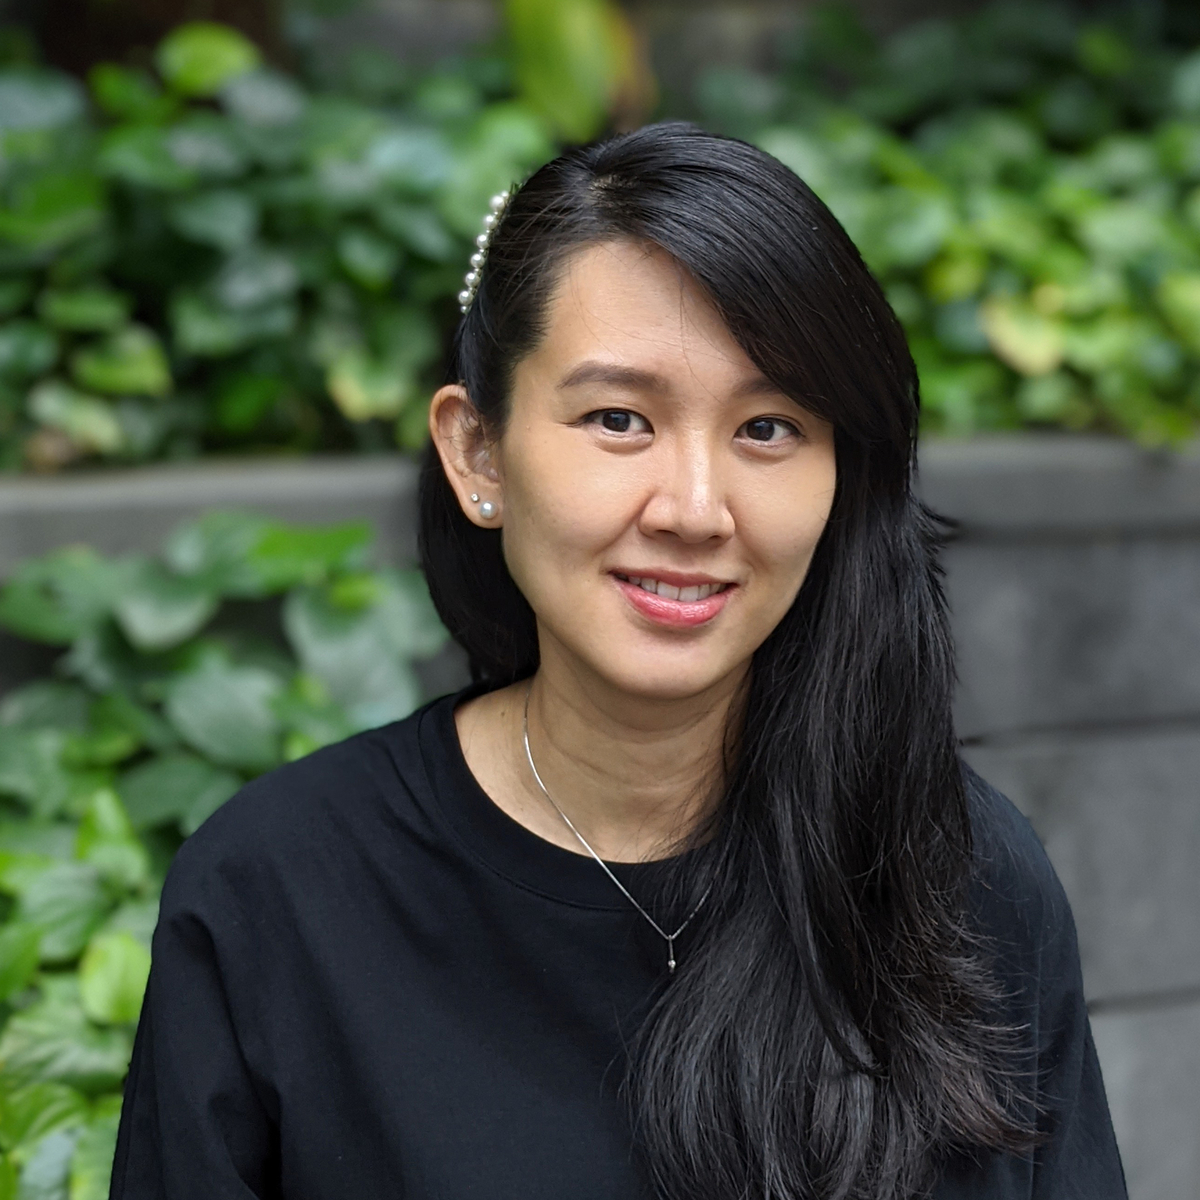 Chen Ziyue (Angeline)